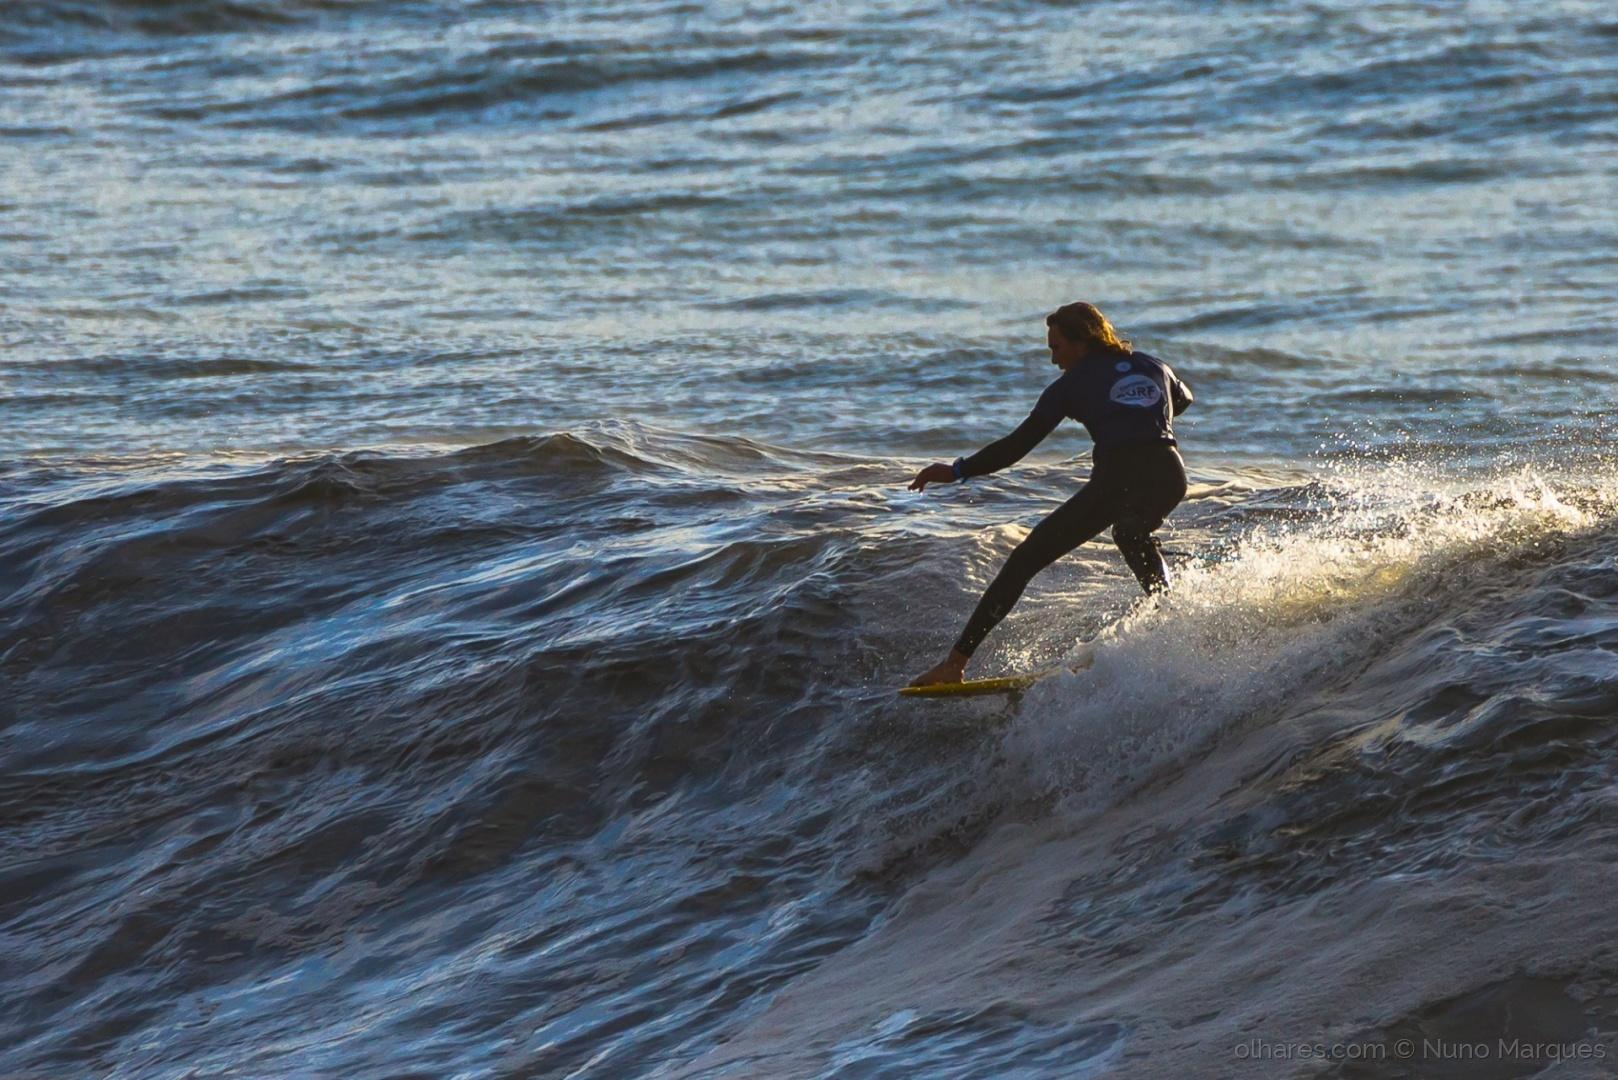 Desporto e Ação/Walking on a long  board